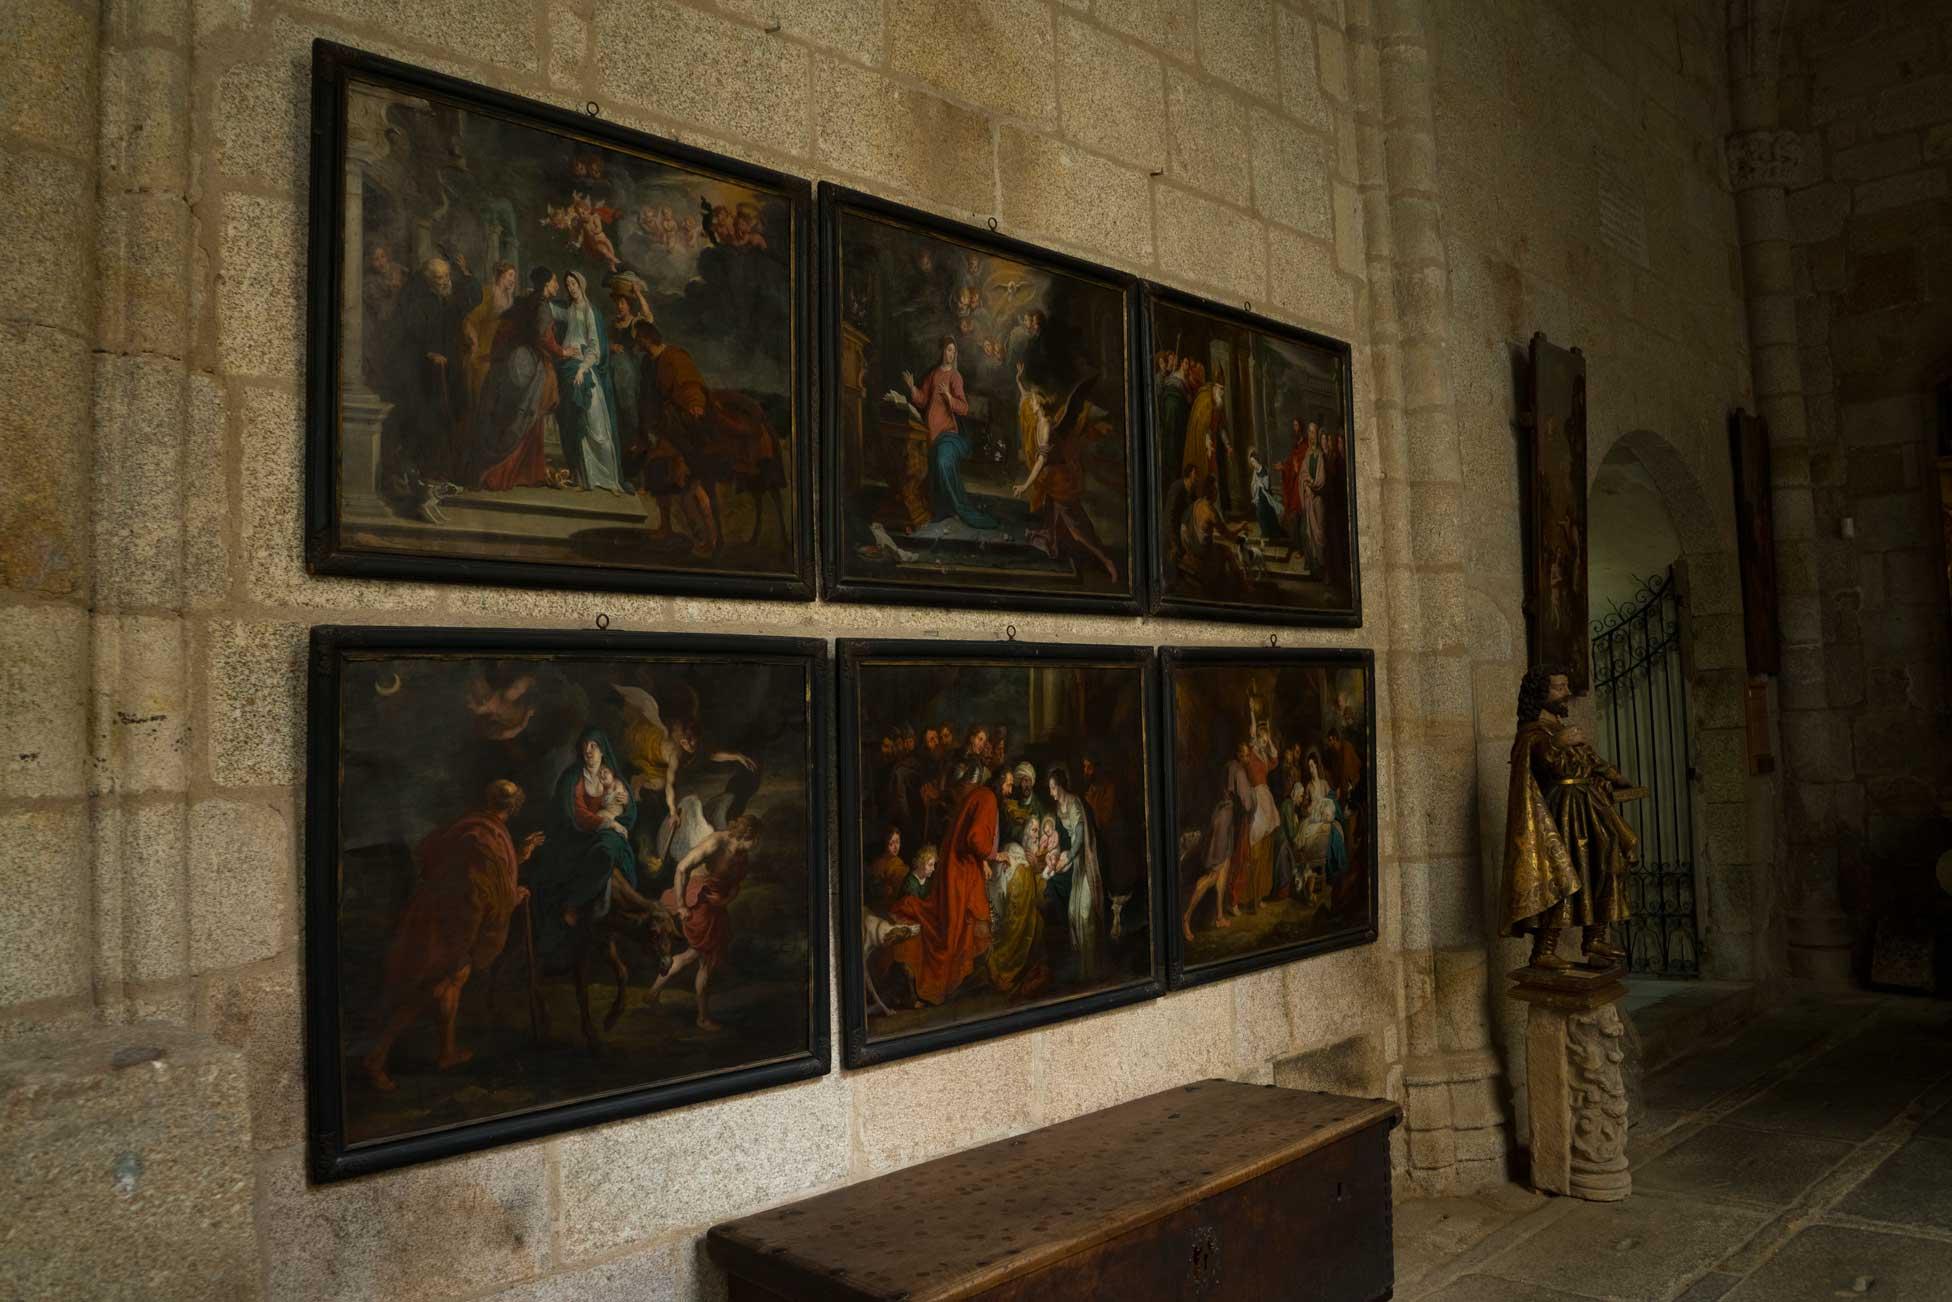 Arte religioso y sagrado en el Museo